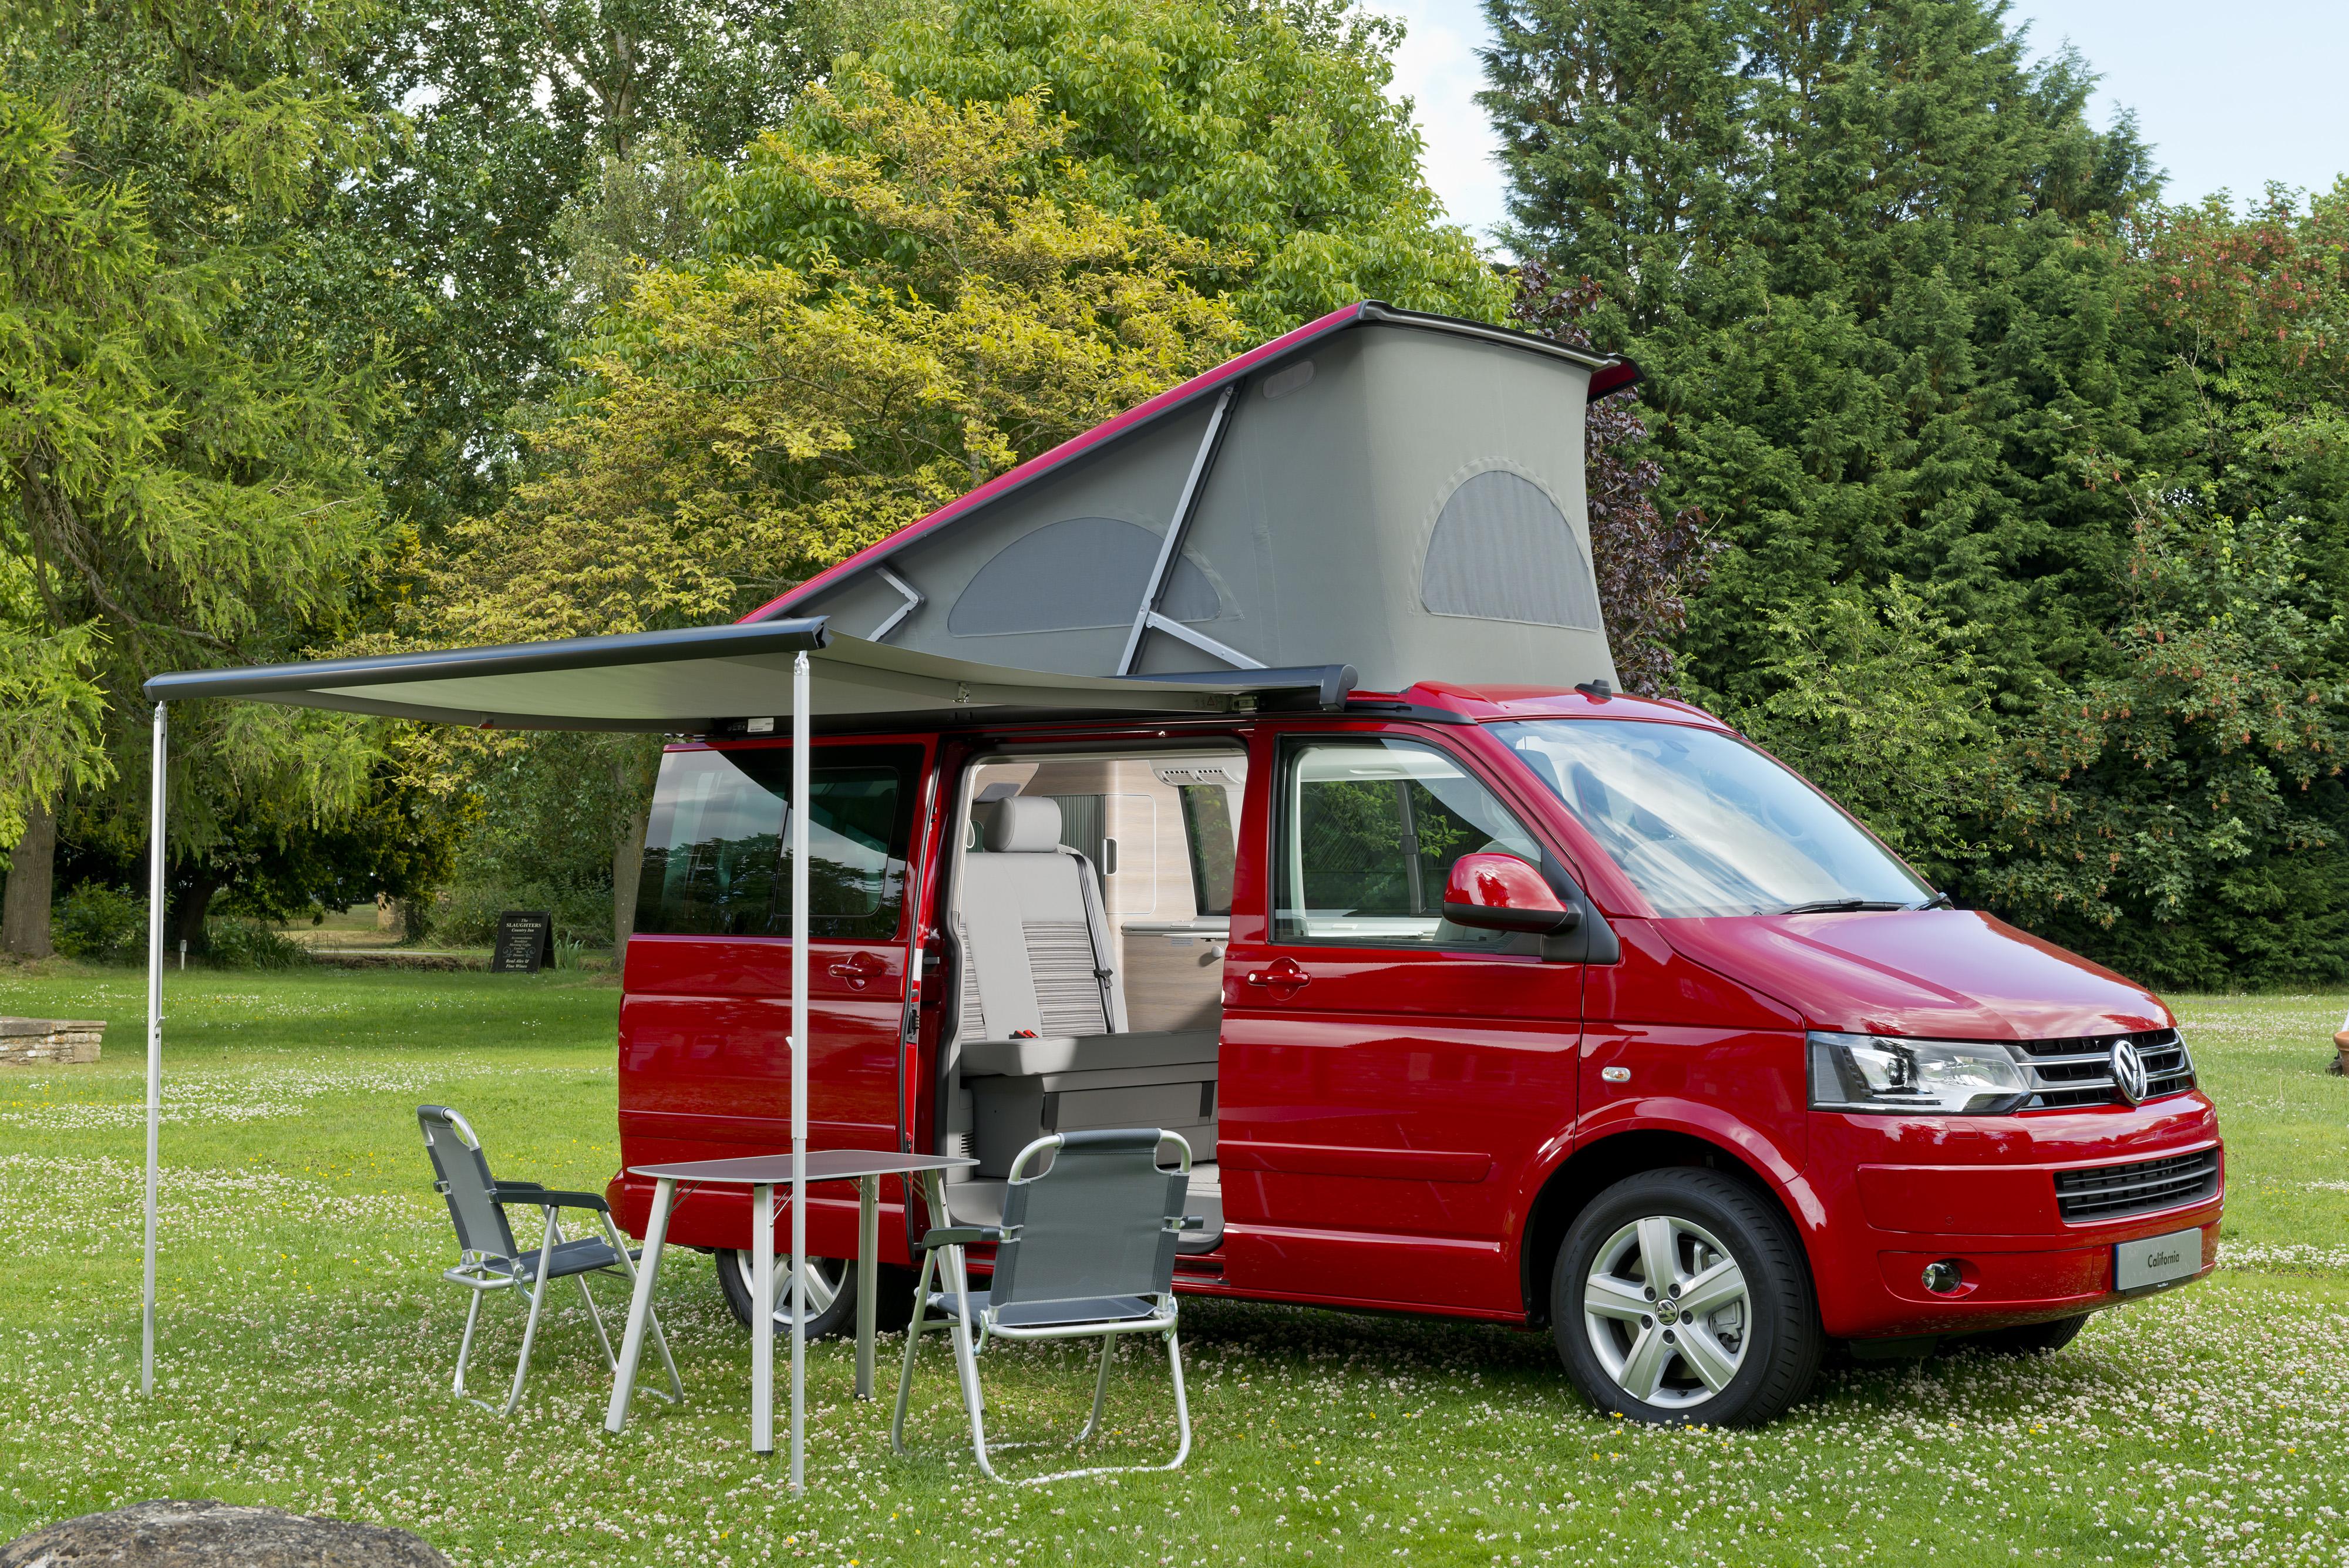 Volkswagen T5 California Camper van 50,000 0 Adventure 52 magazine